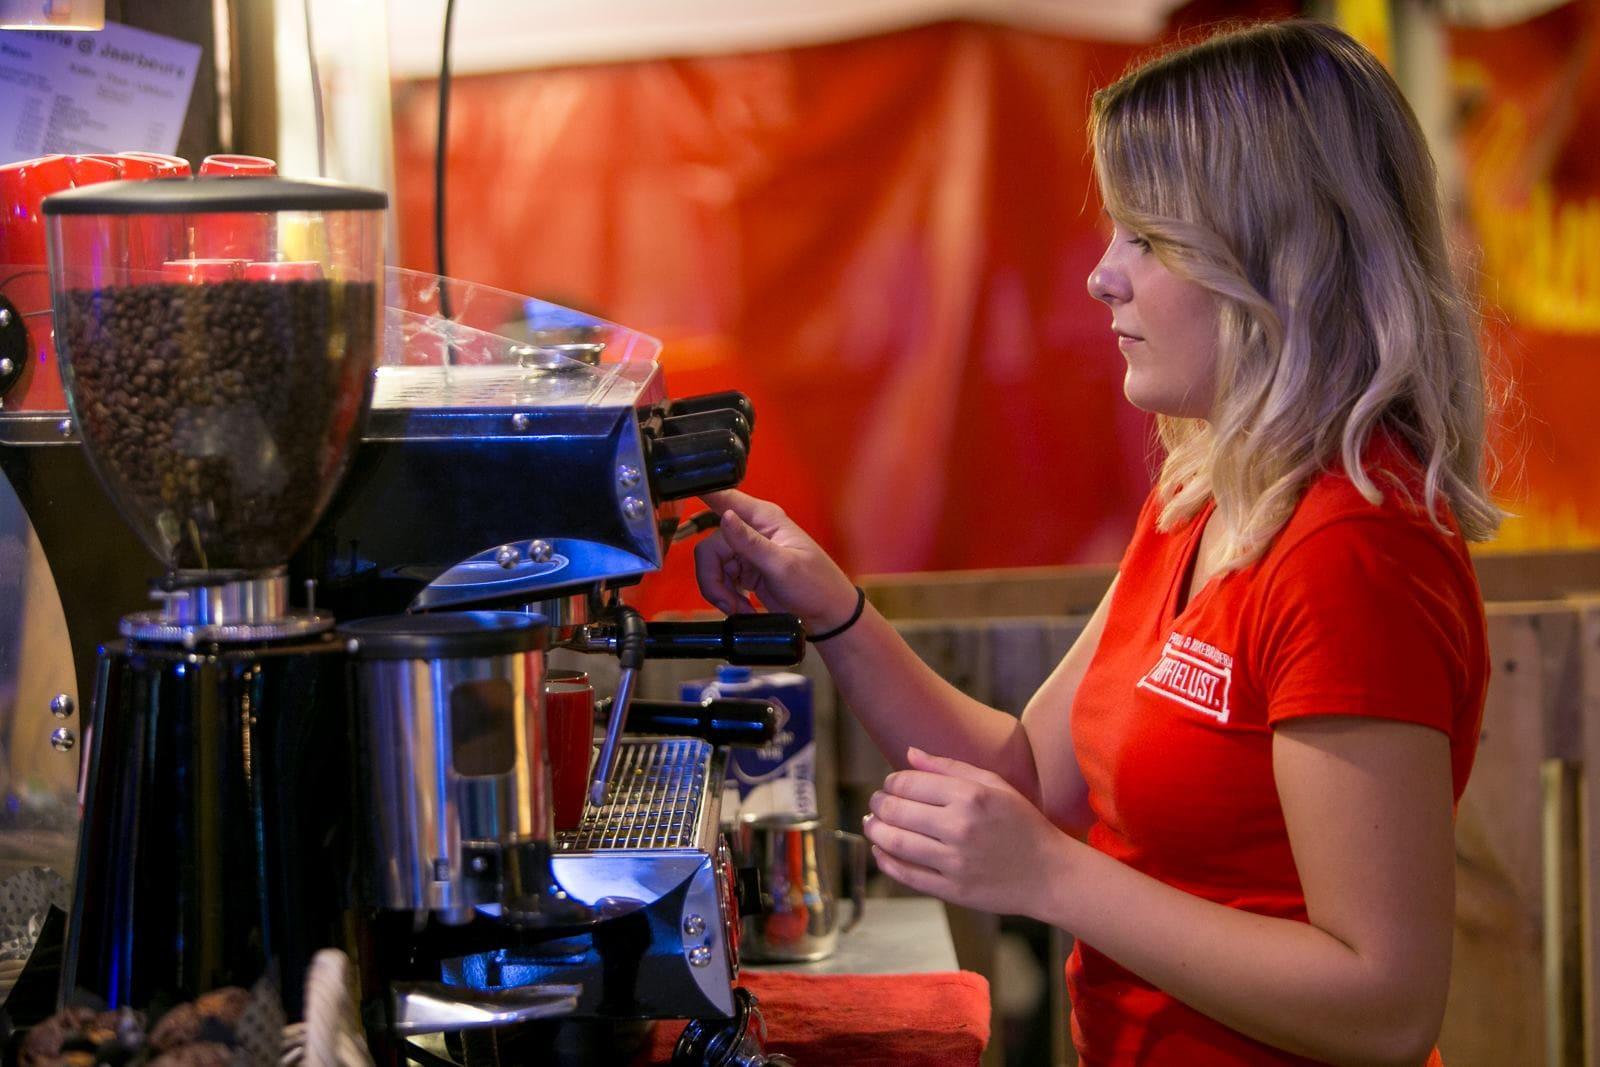 Thuisbarista cursus in het Proeflokaal van Koffiebranderij Koffielust in Veenhuizen